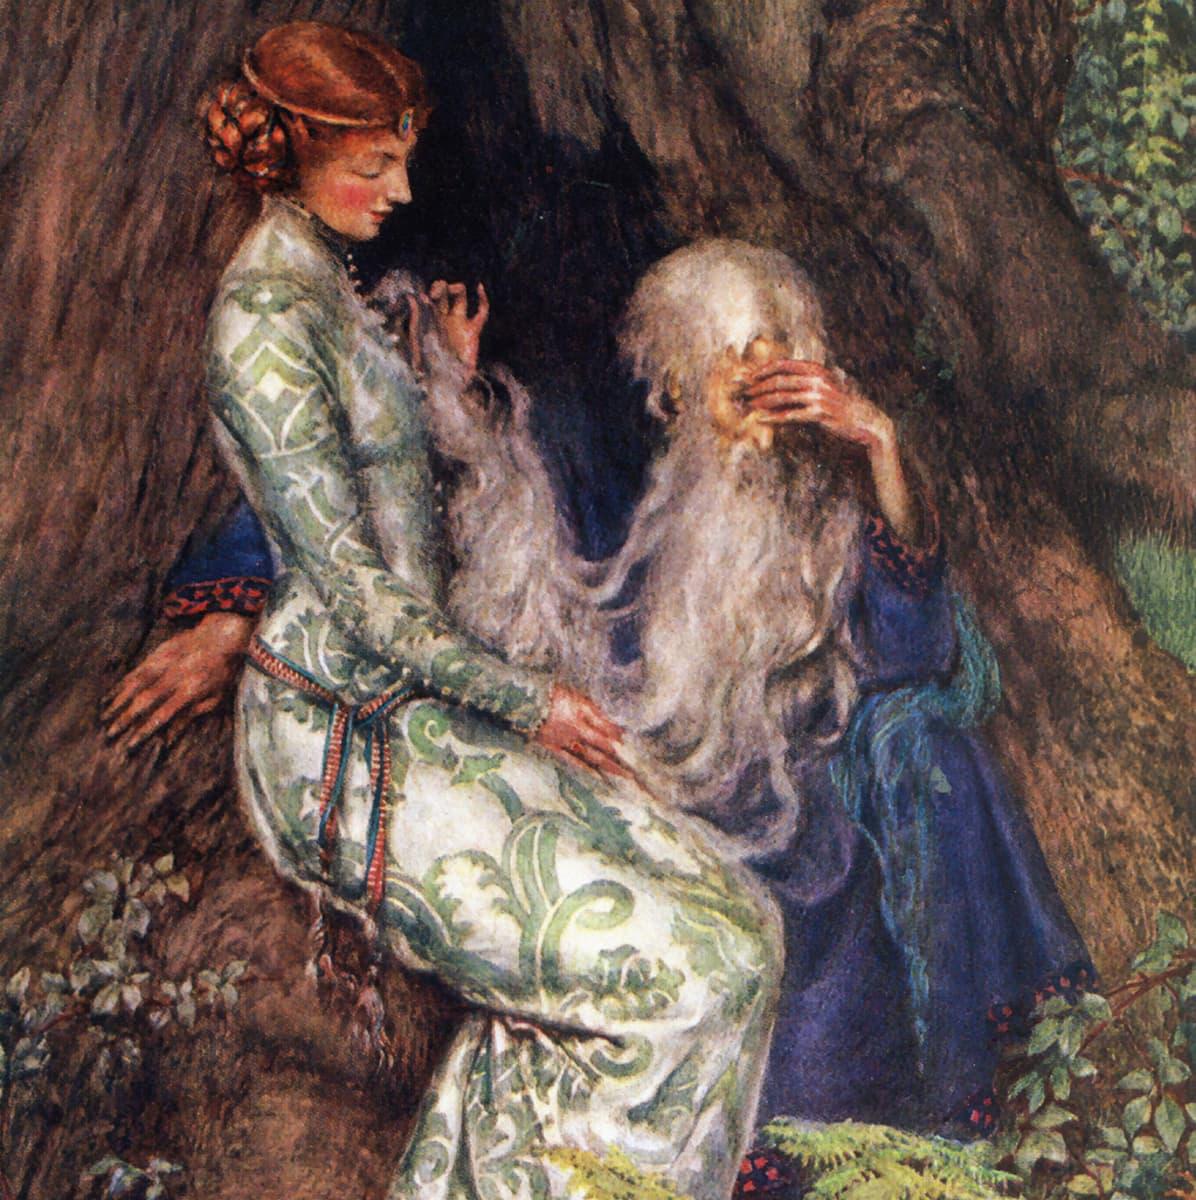 Maalauksessa punatukkainen nainen pitkässä puvussa istuu kivellä ja hyväilee eteensä kyyristyneen vanhan miehen pitkää partaa.